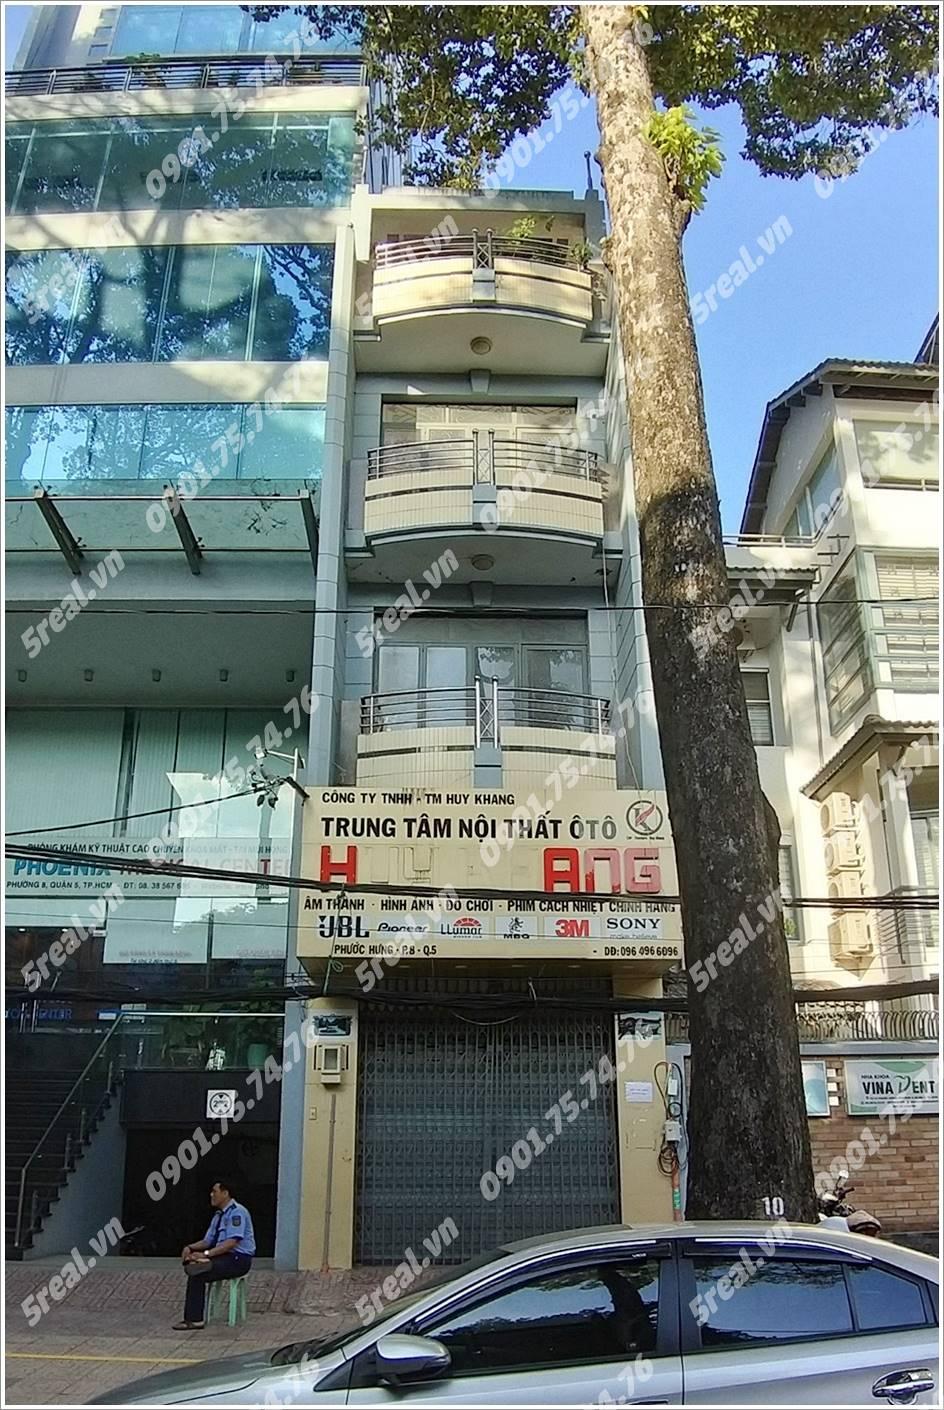 phuoc-hung-building-quan-5-van-phong-cho-thue-tphcm-5real.vn-01